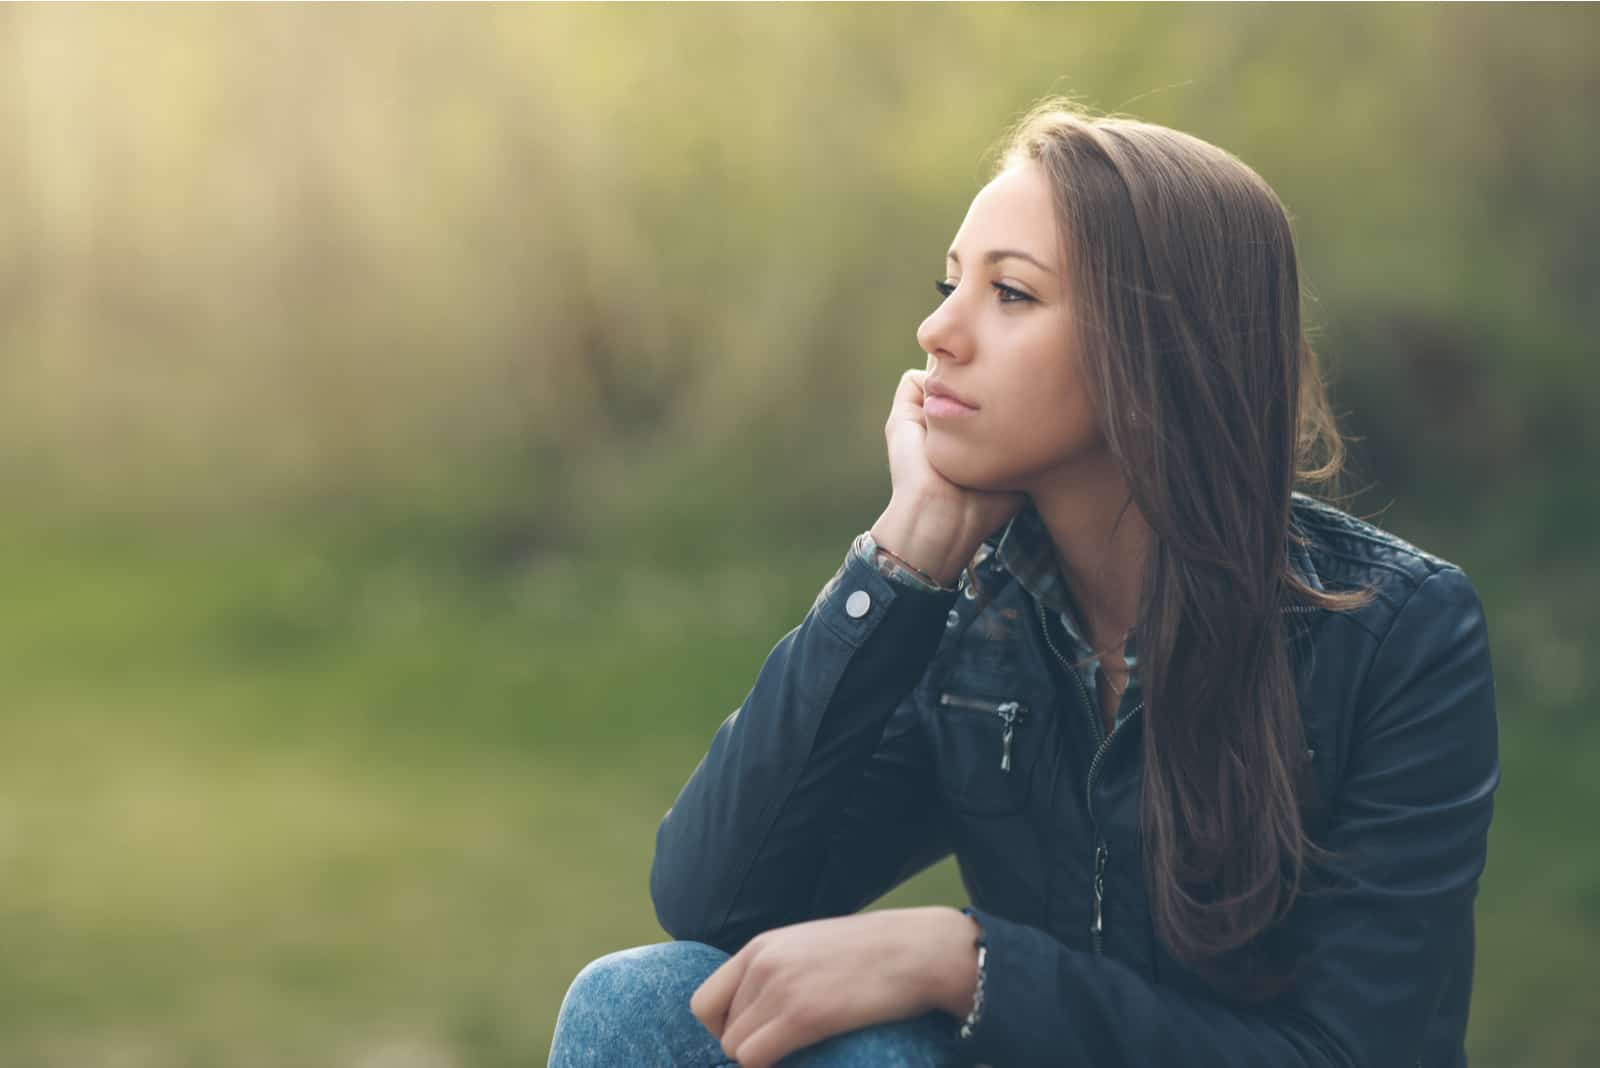 nachdenkliche Frau, die sich im Park entspannt